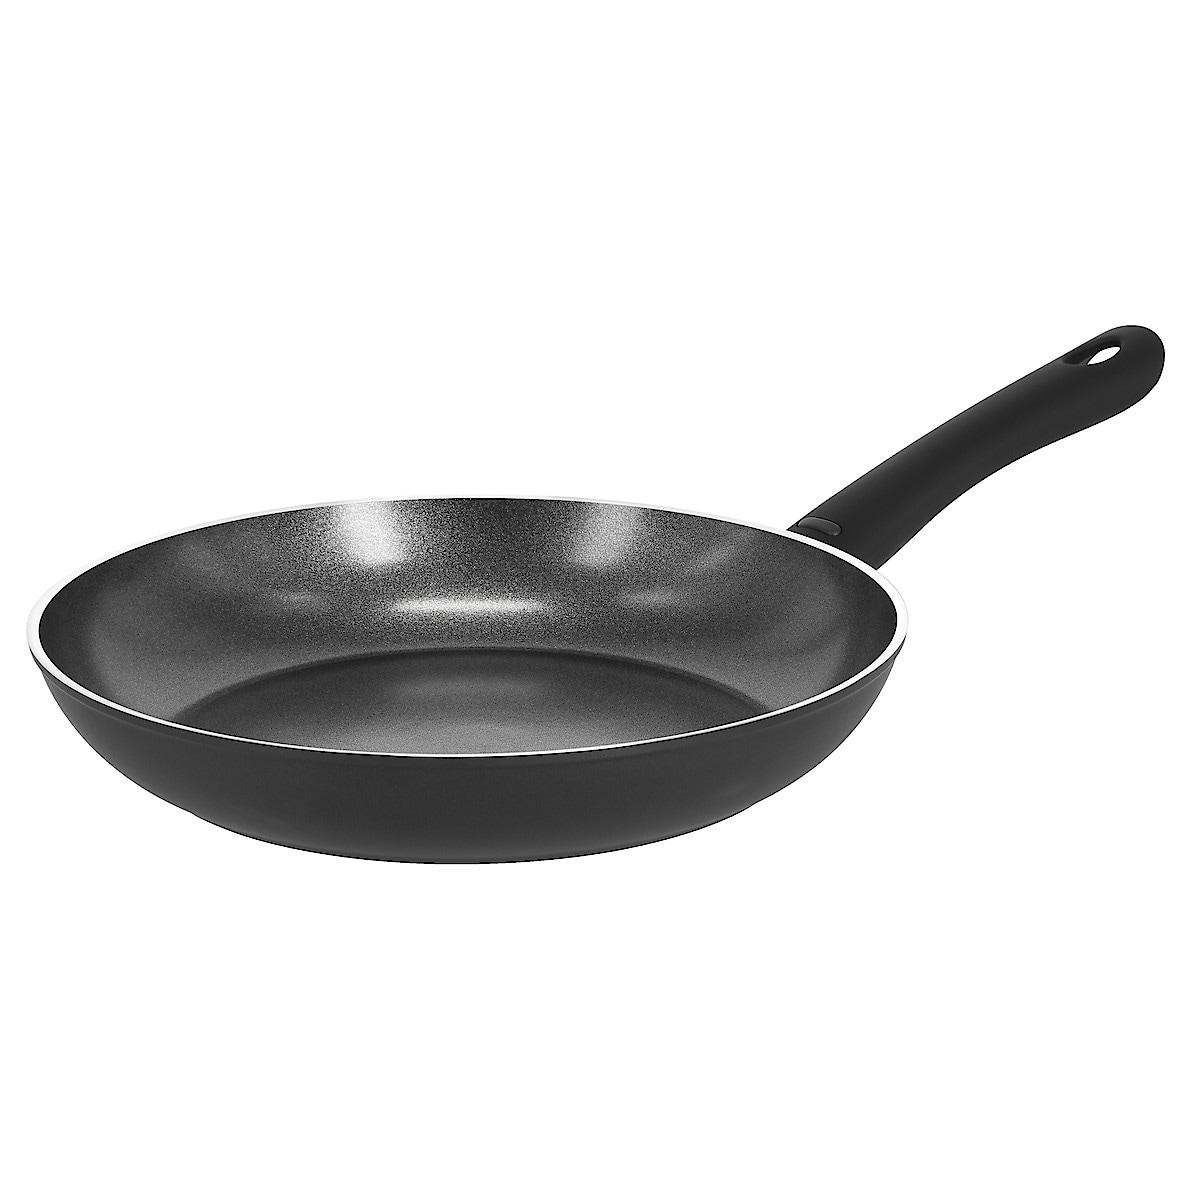 Diamant Frying Pan